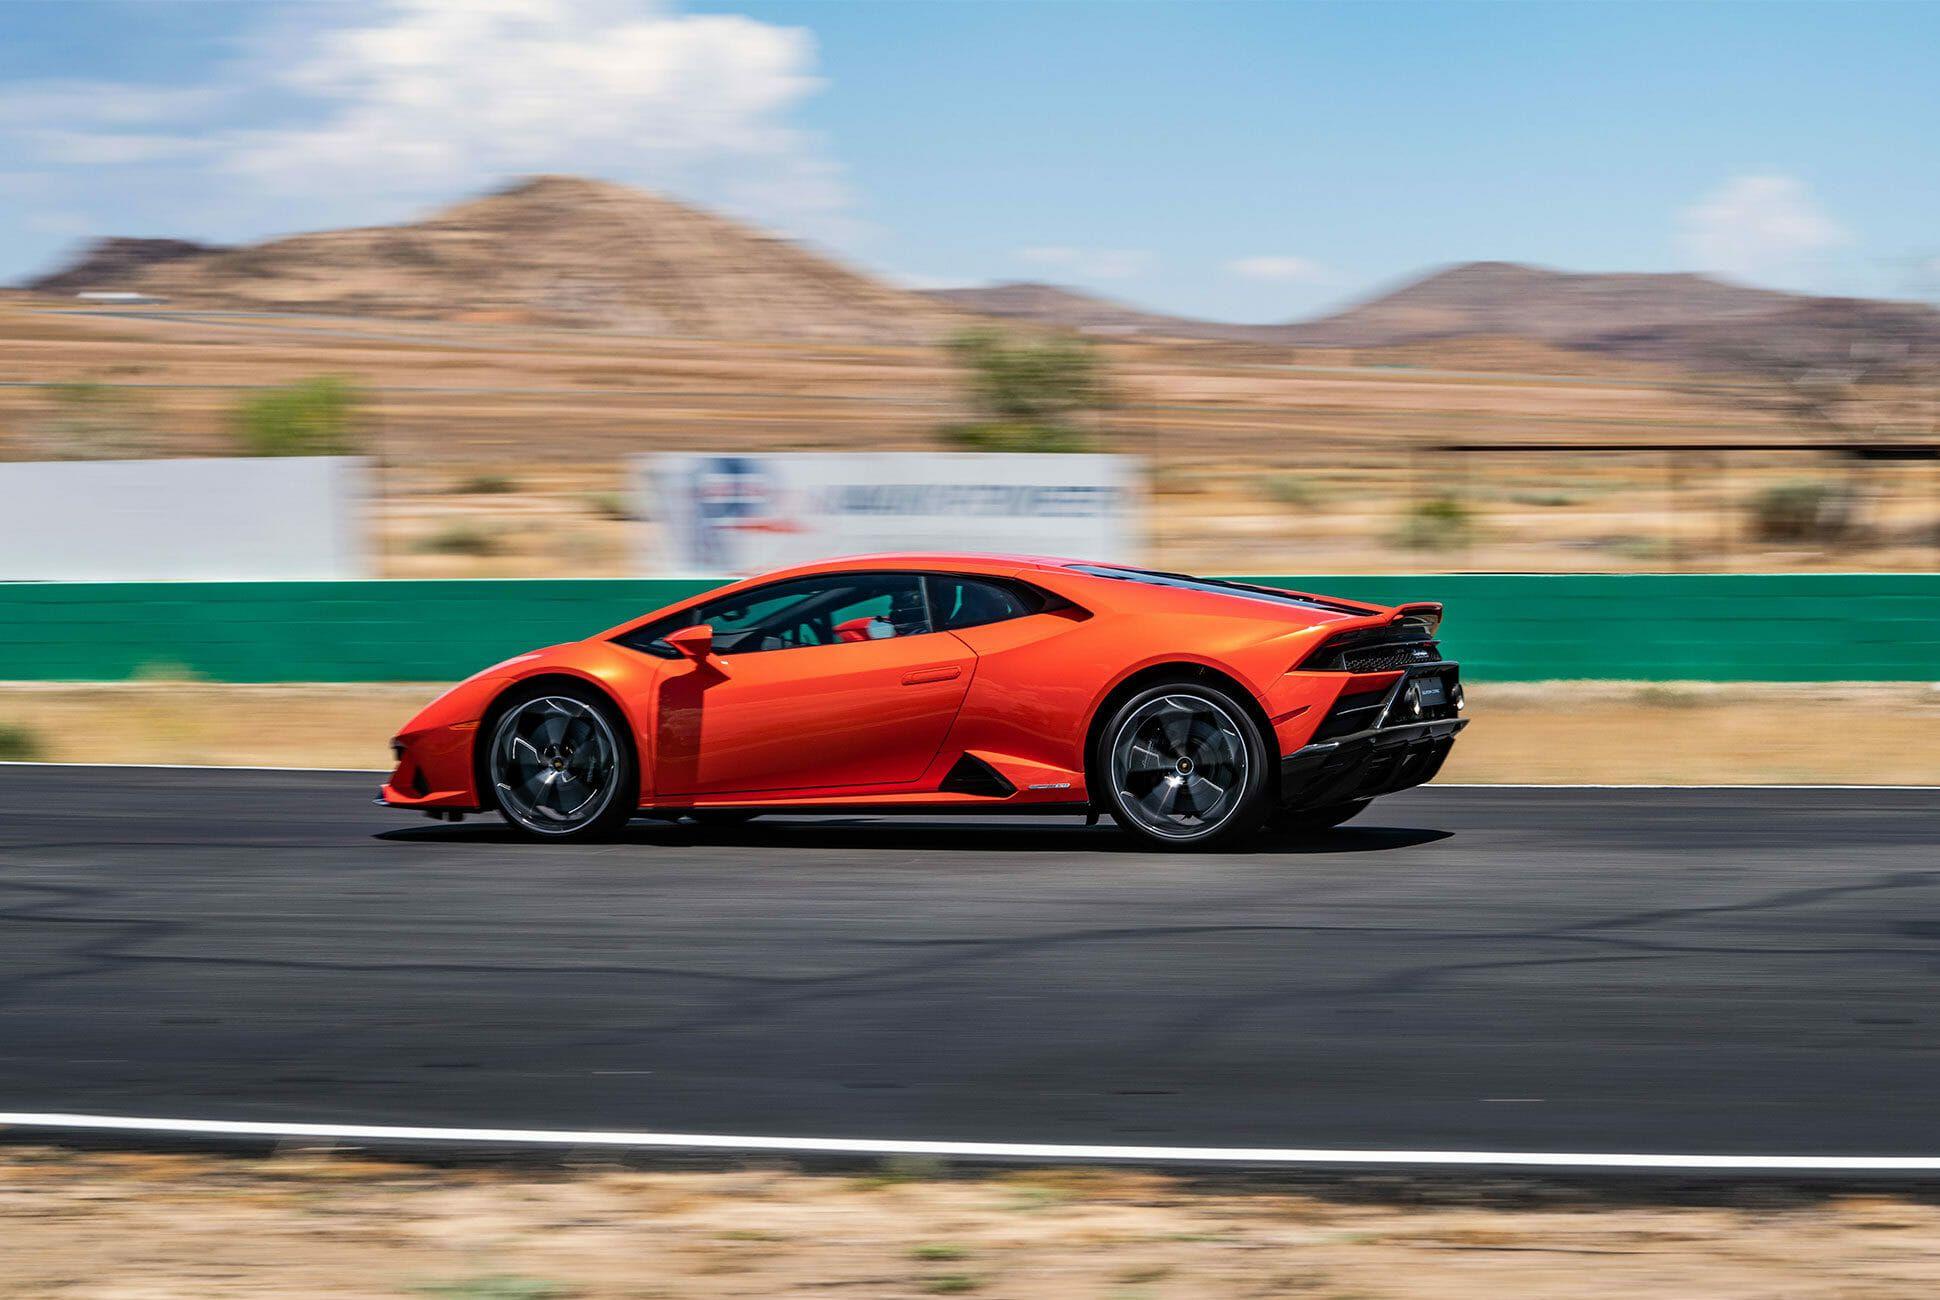 2020-Lamborghini-Huracan-EVO-Review-gear-patrol-slide-2